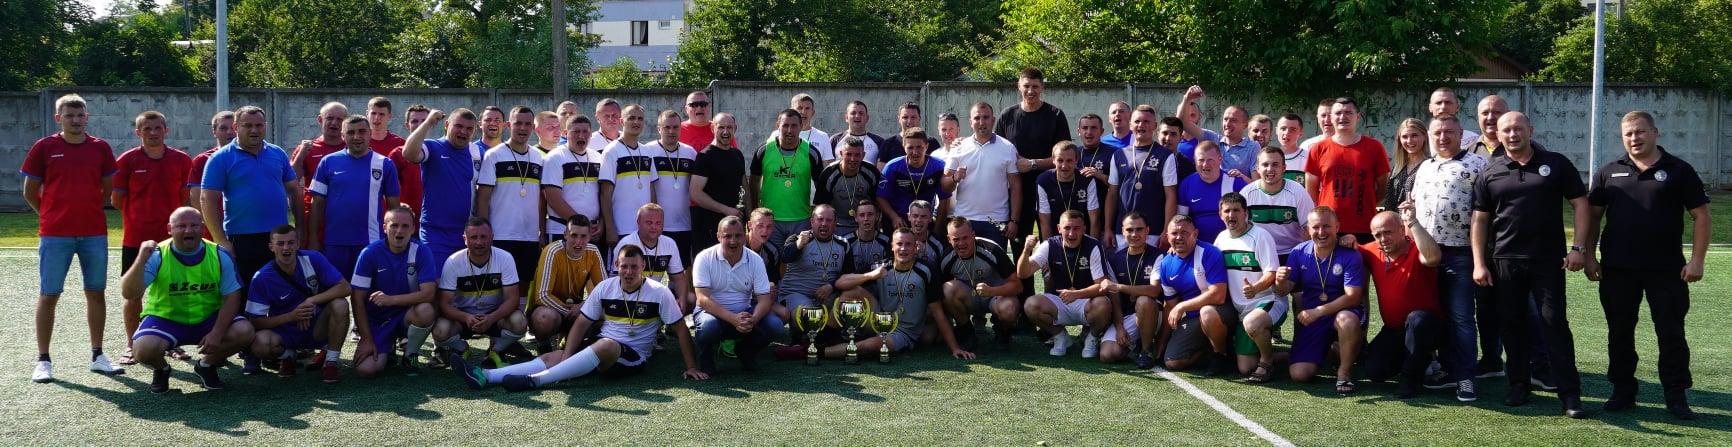 Найкраще в футбол на Львівщині грають золочівські поліцейські